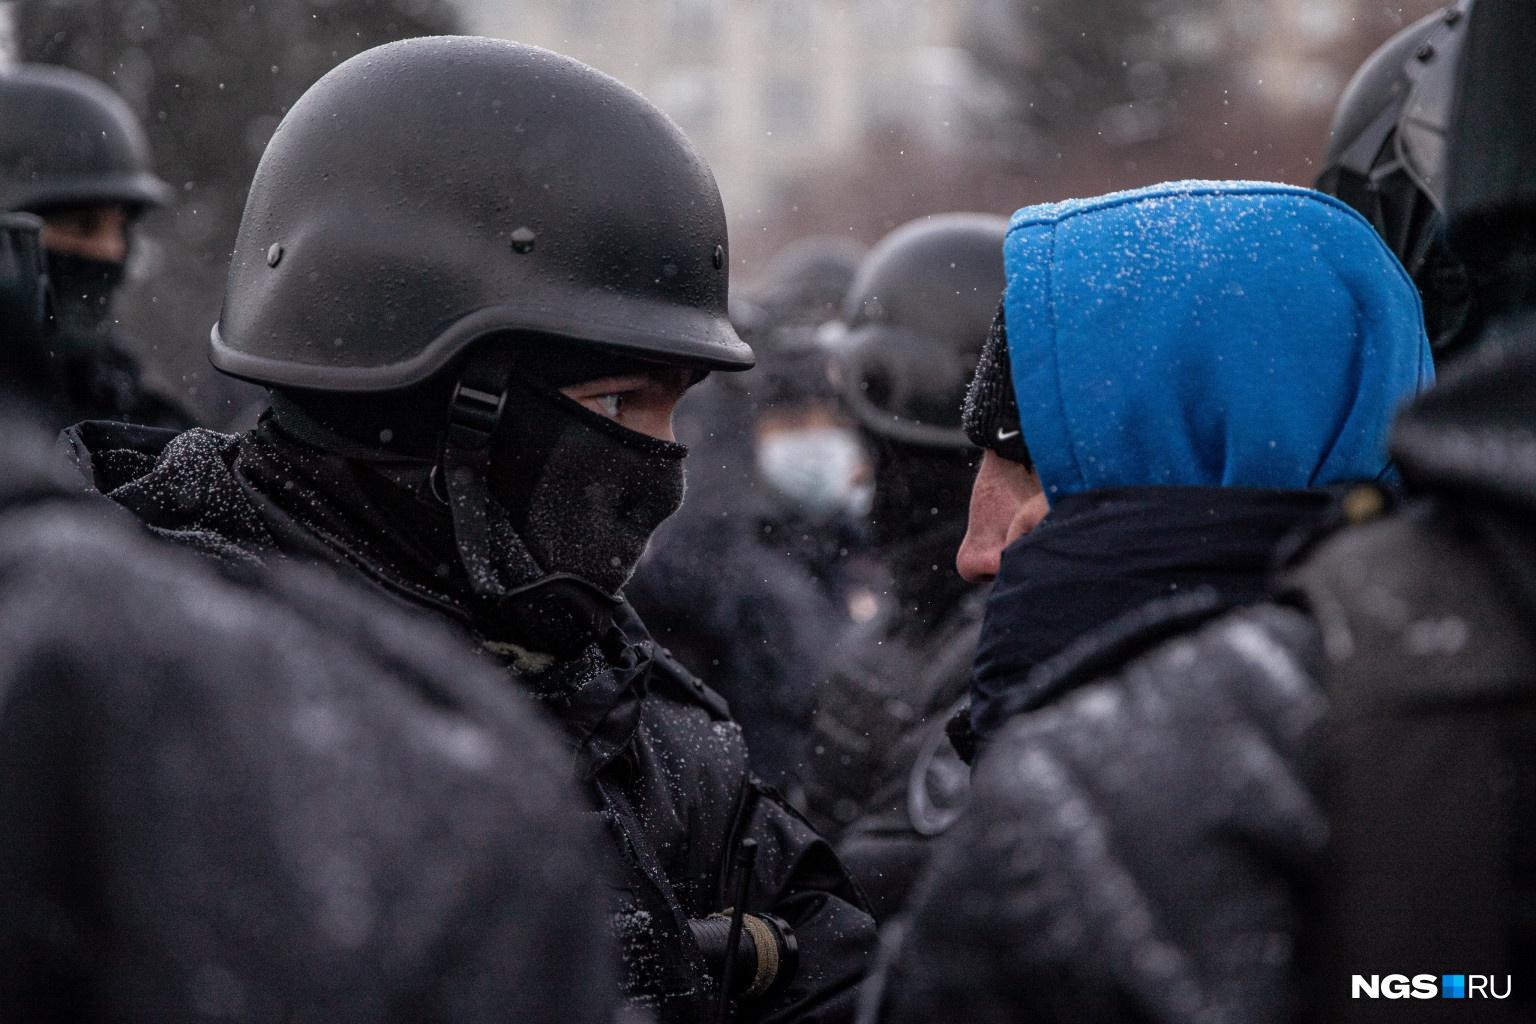 Протестующие пытались поговорить с силовиками и задавали им разные вопросы, но отвечали им немногие